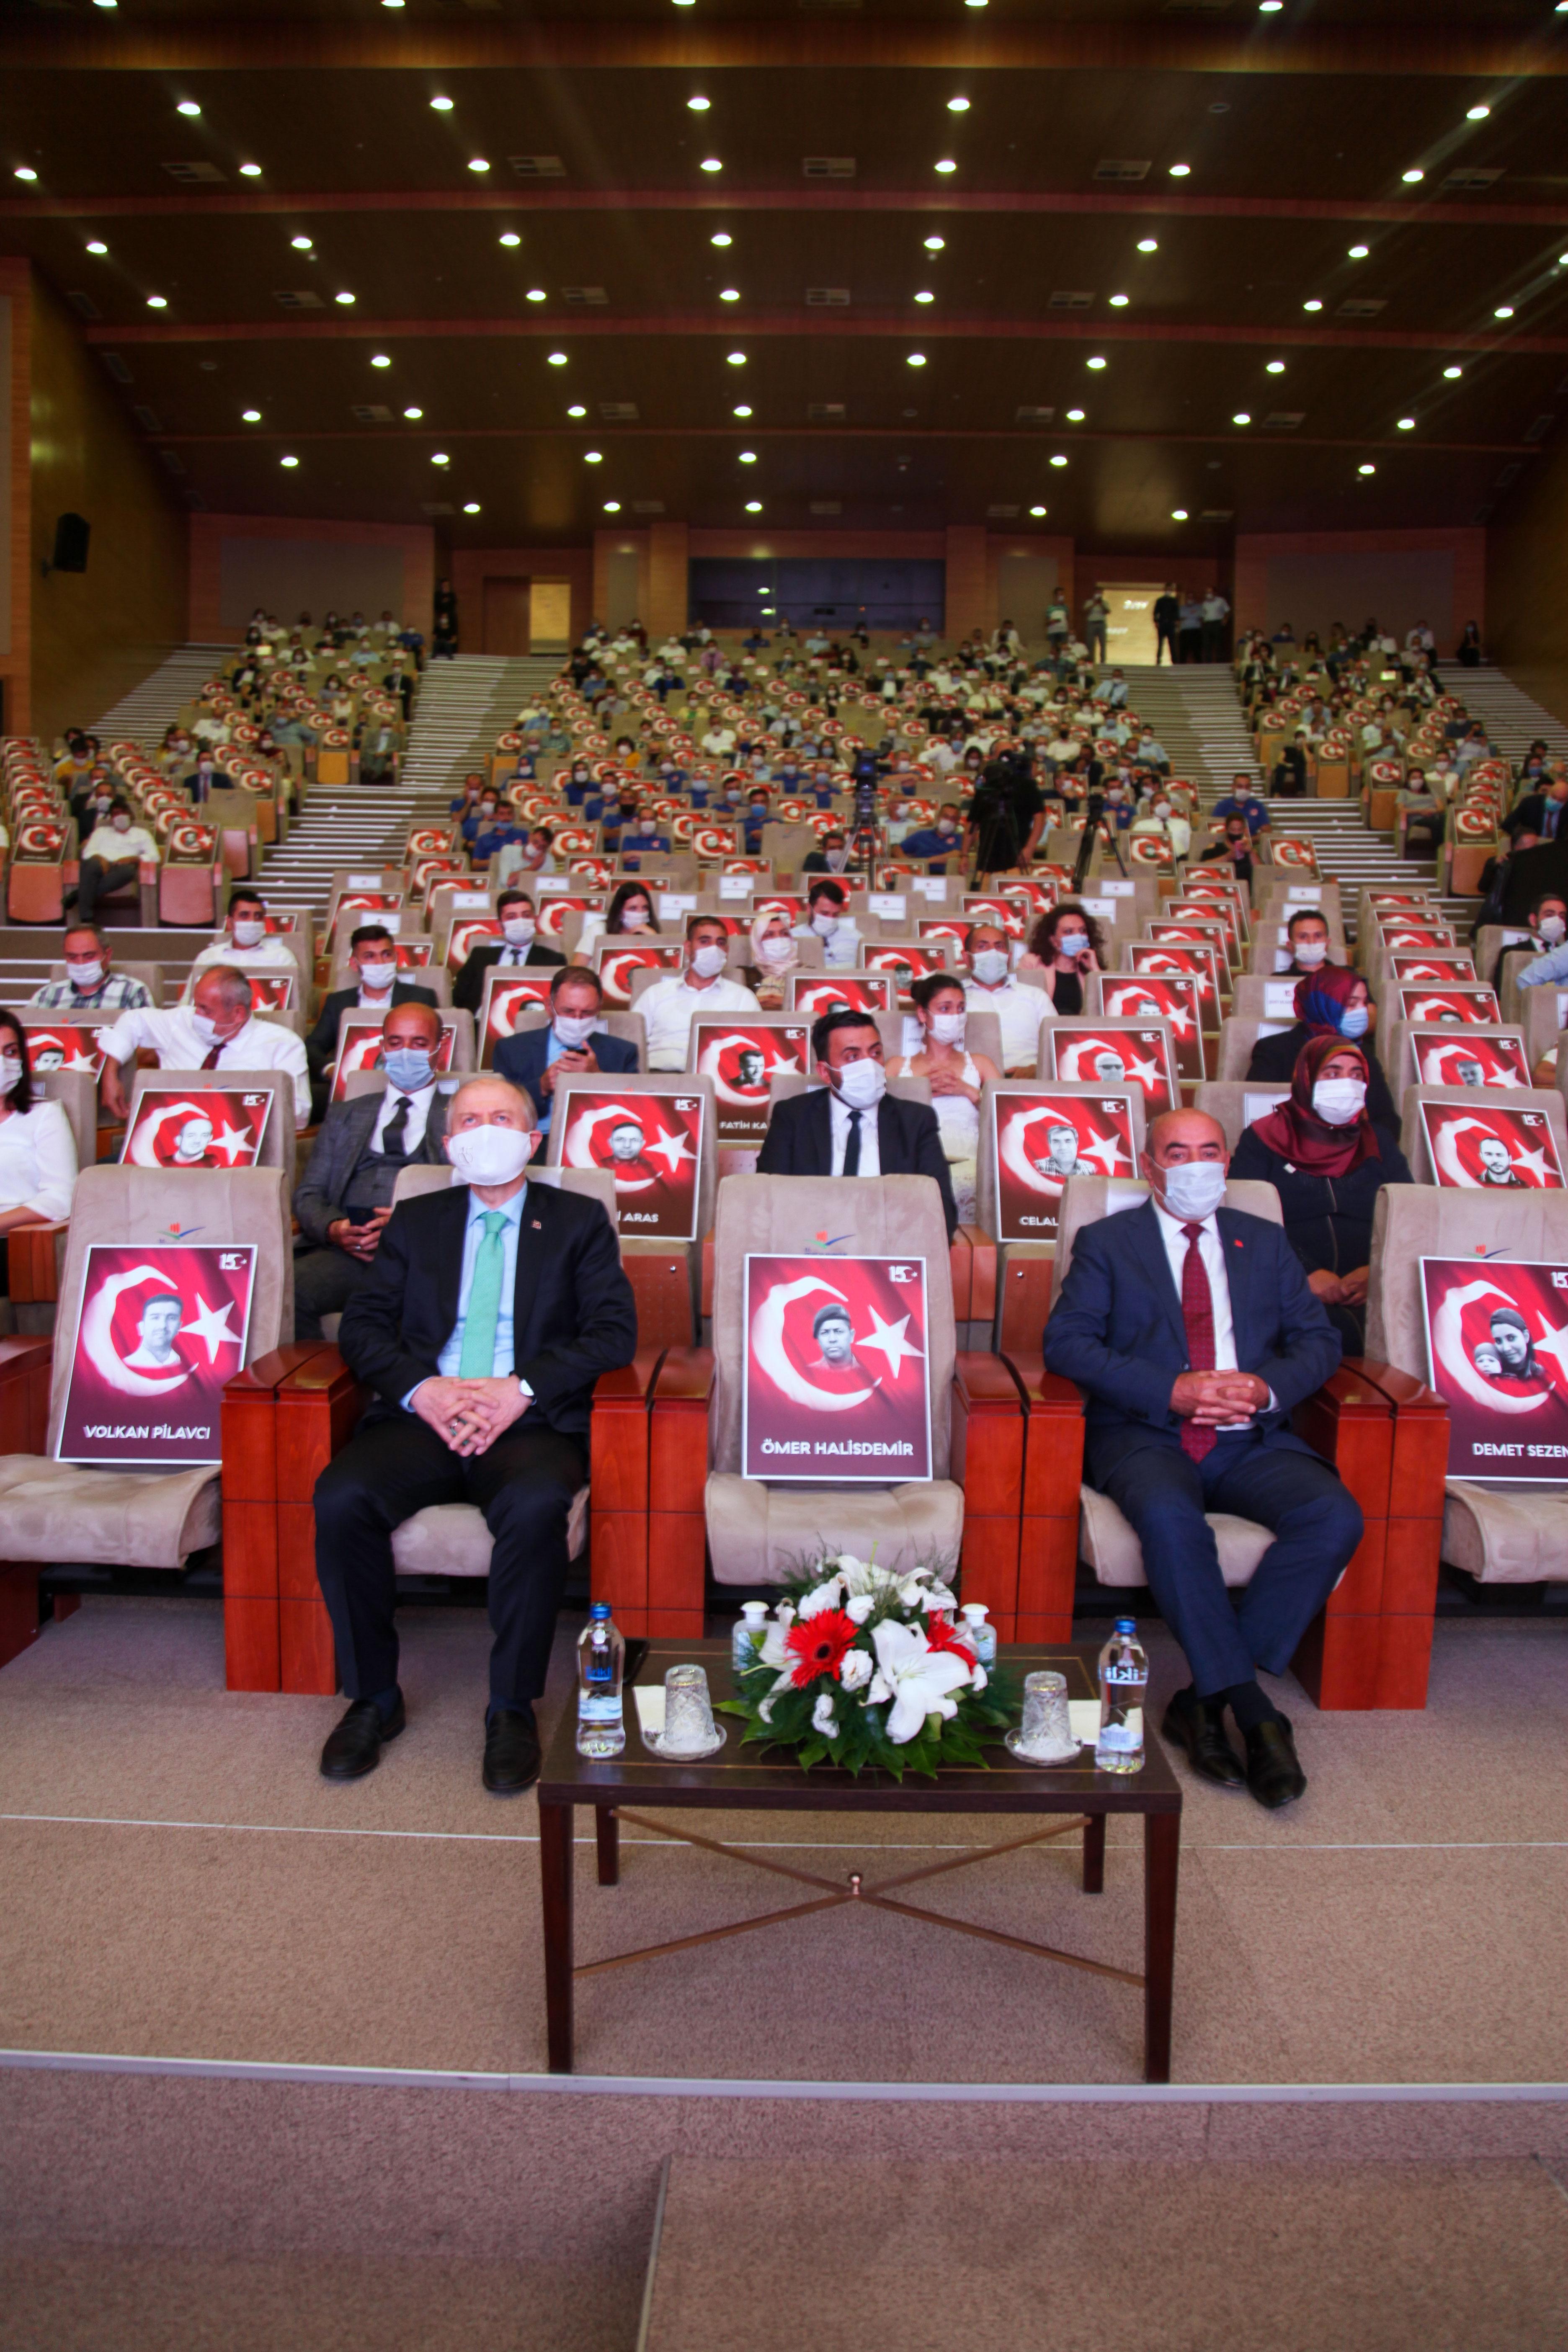 Çevre ve Şehircilik Bakanlığı'nda 15 Temmuz Demokrasi  ve Millî Birlik Günü Anma Etkinliği gerçekleştirildi.